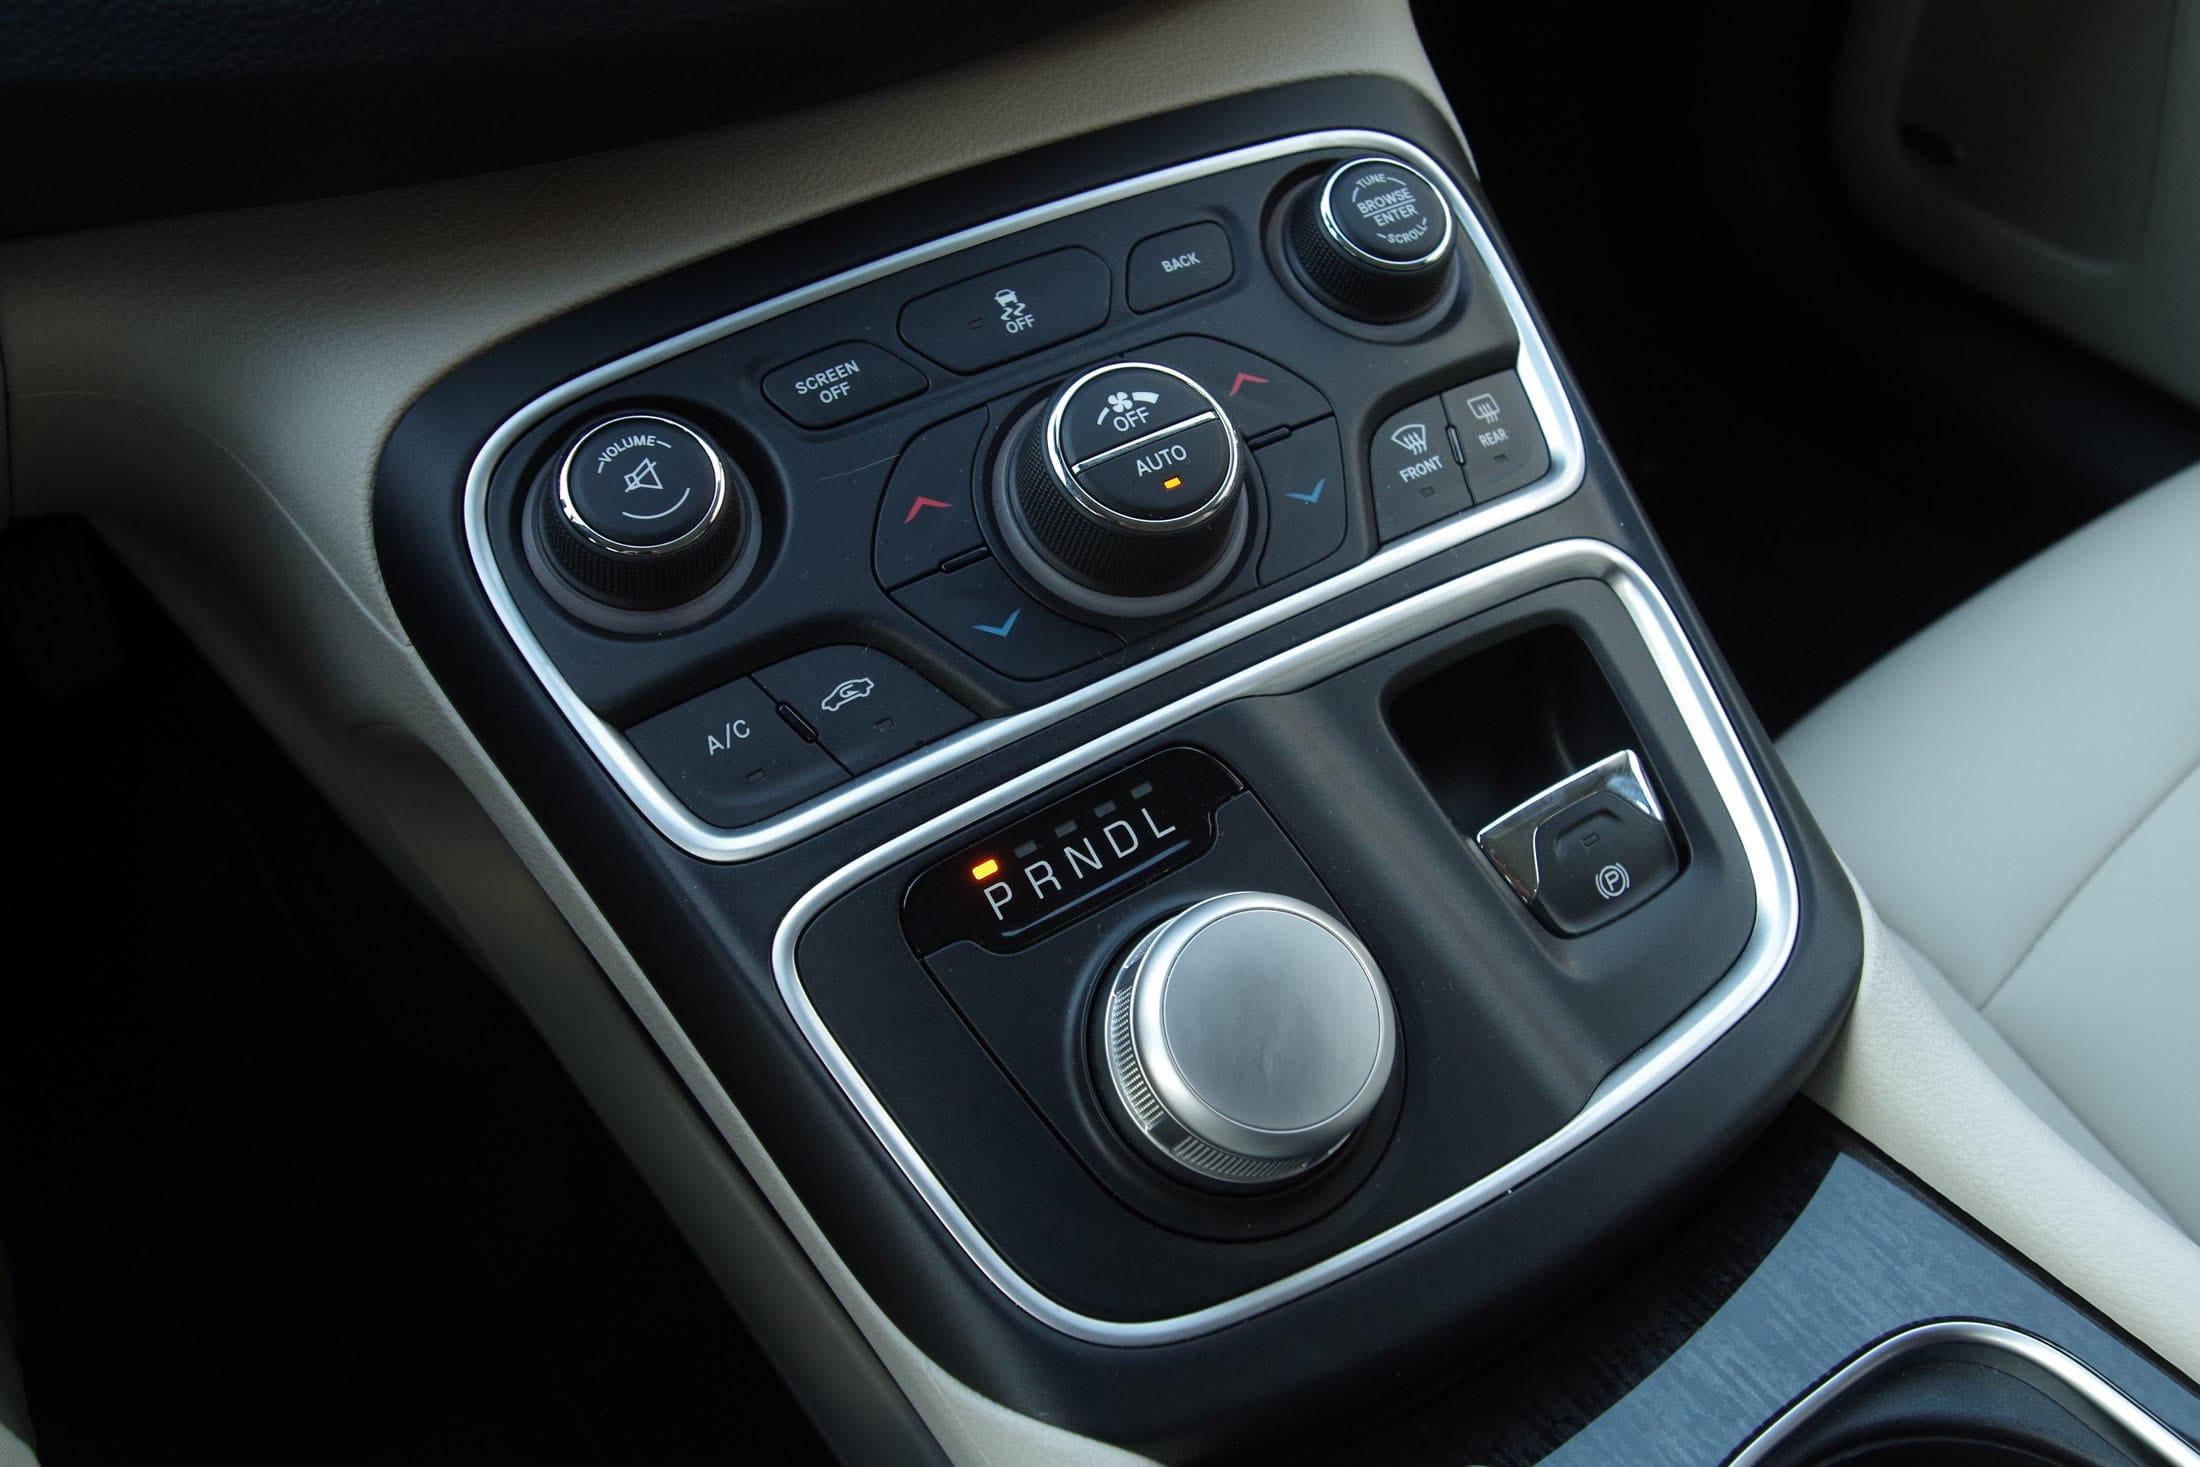 Chrysler 200 shifter